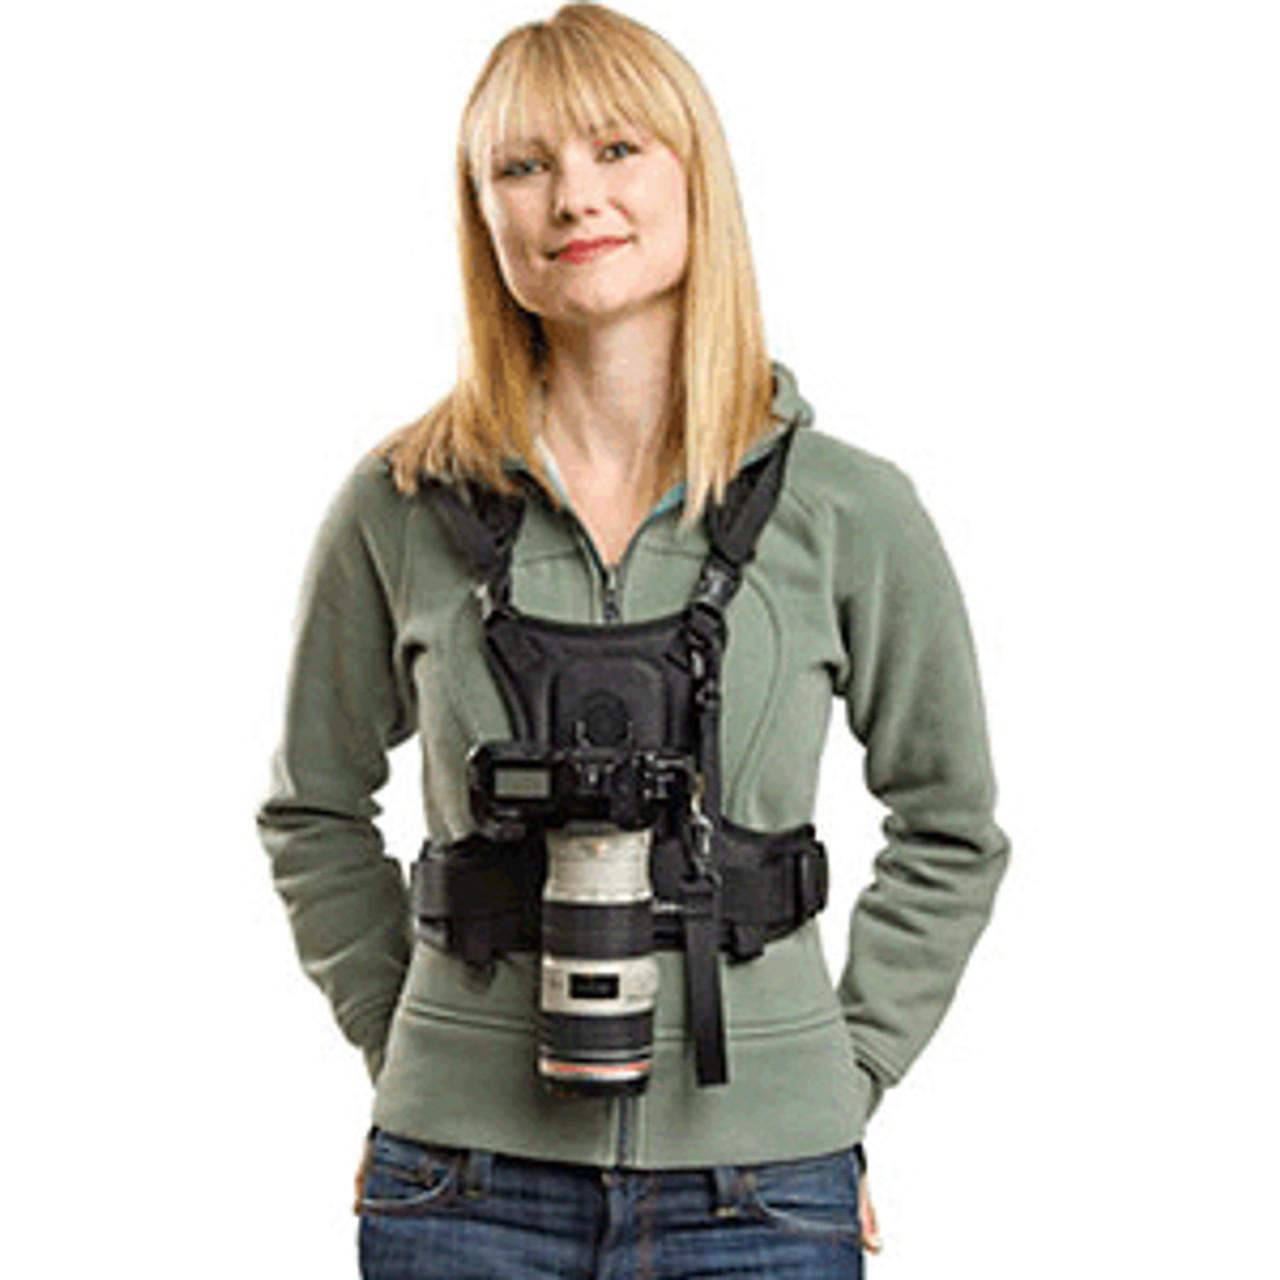 Cotton Carrier Vest 1 Camera - No Side Holster